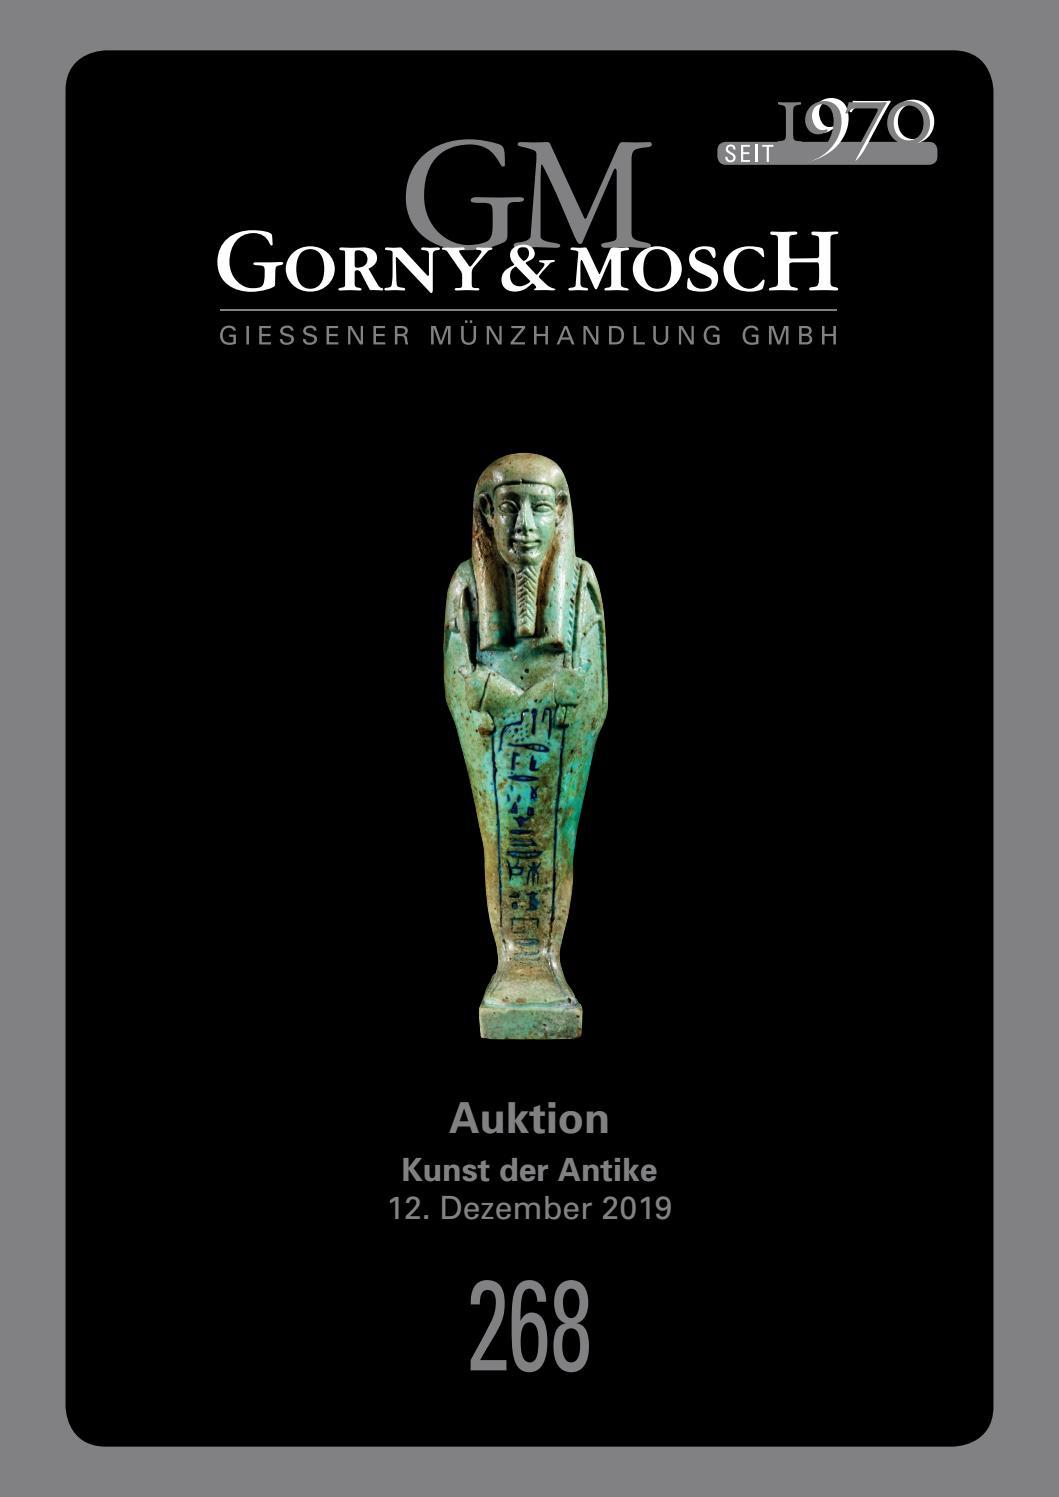 Gorny & Mosch Auktionskatalog 268